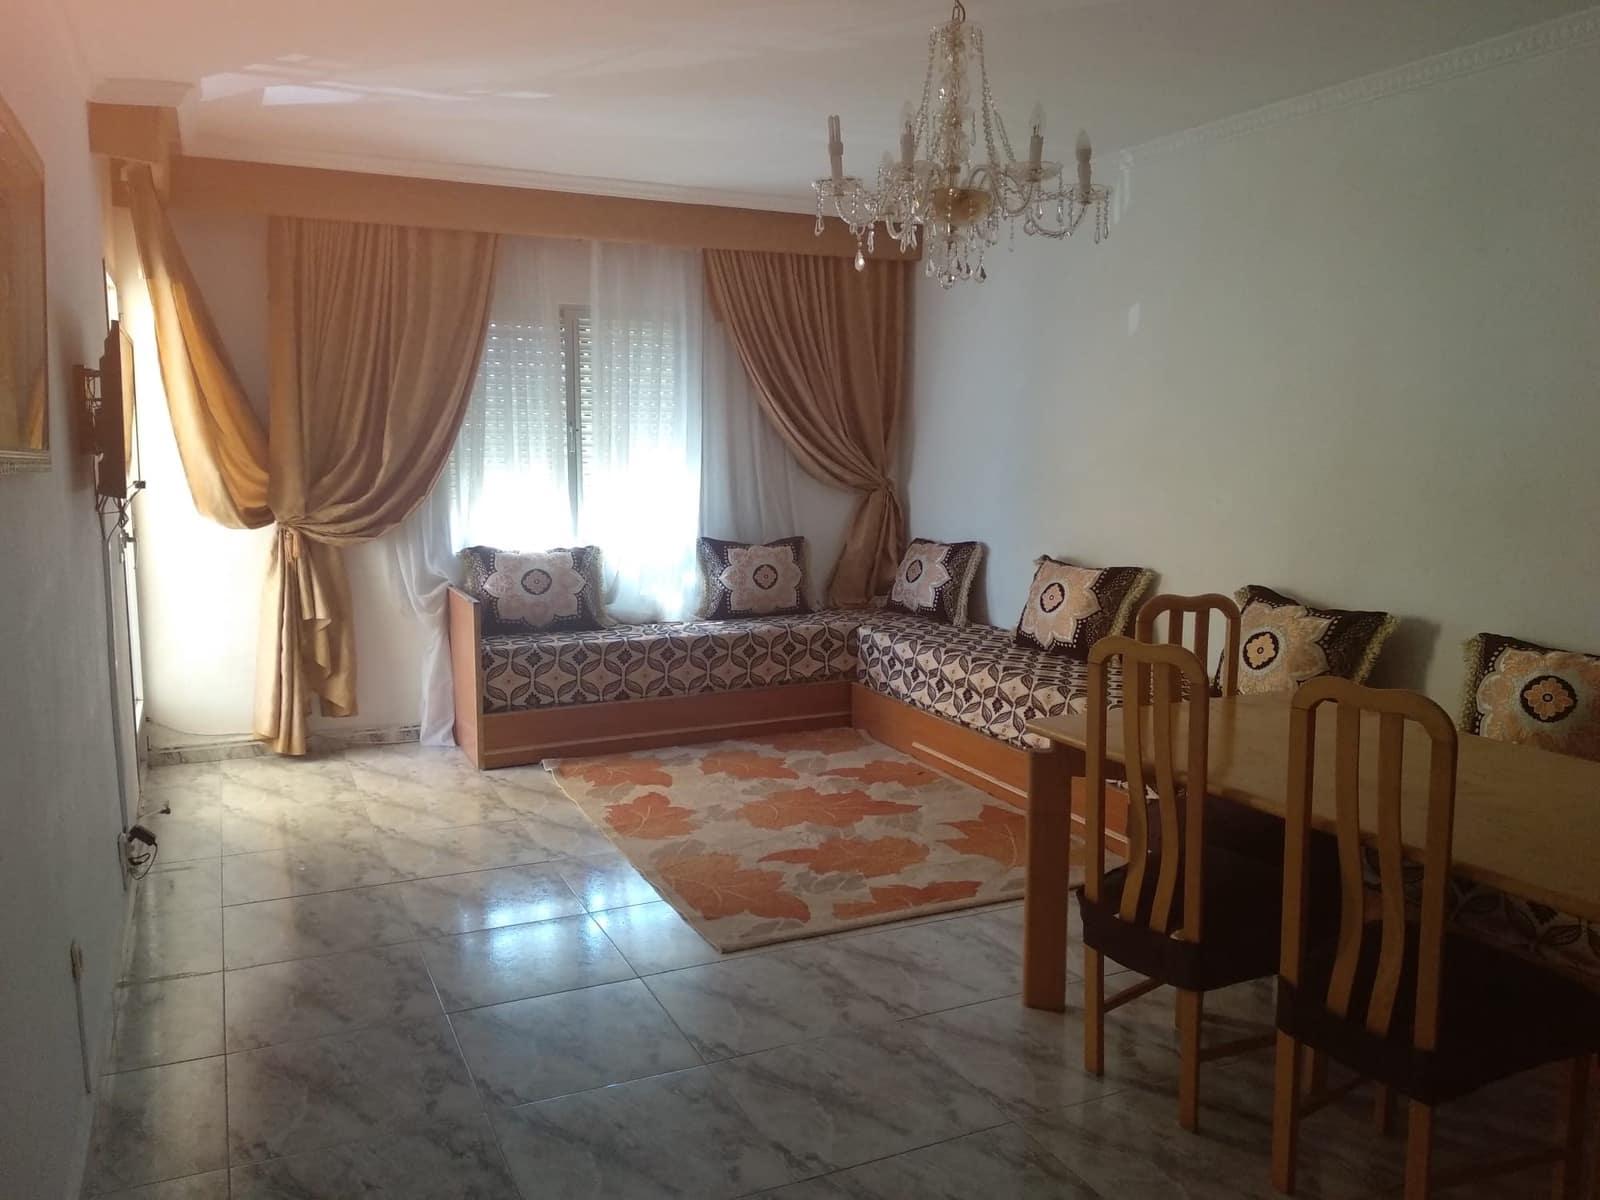 4 sovrum Lägenhet till salu i Collado Villalba - 95 000 € (Ref: 5592194)